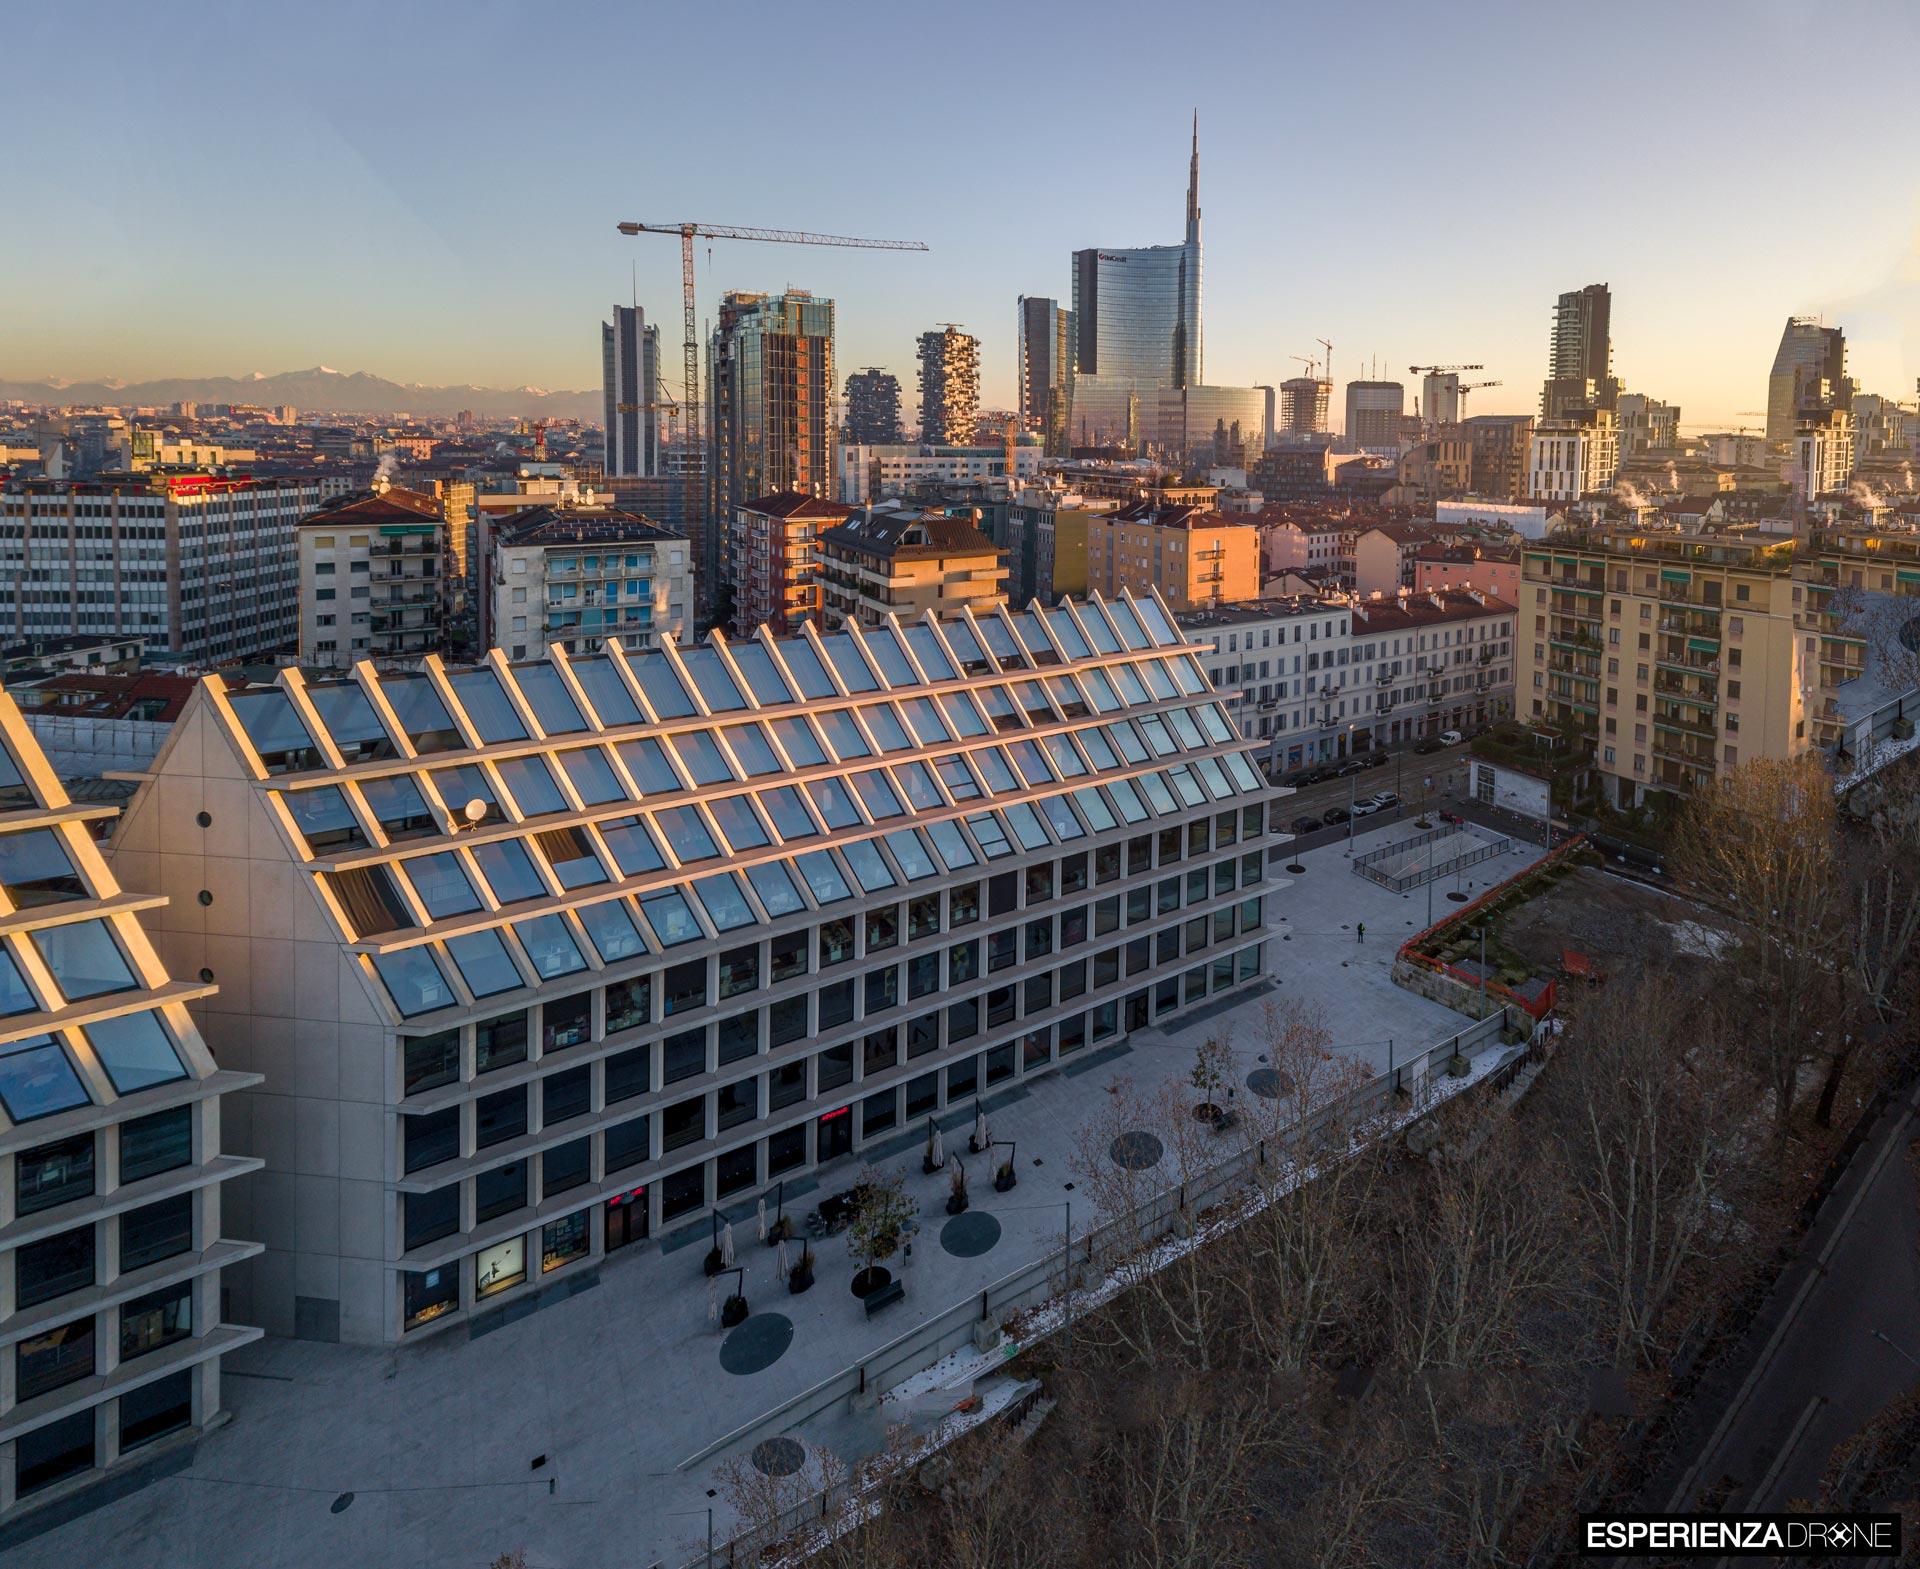 esperienza drone immagine portfolio architettura edificio feltrinelli panoramica laterale milano 2.jpg